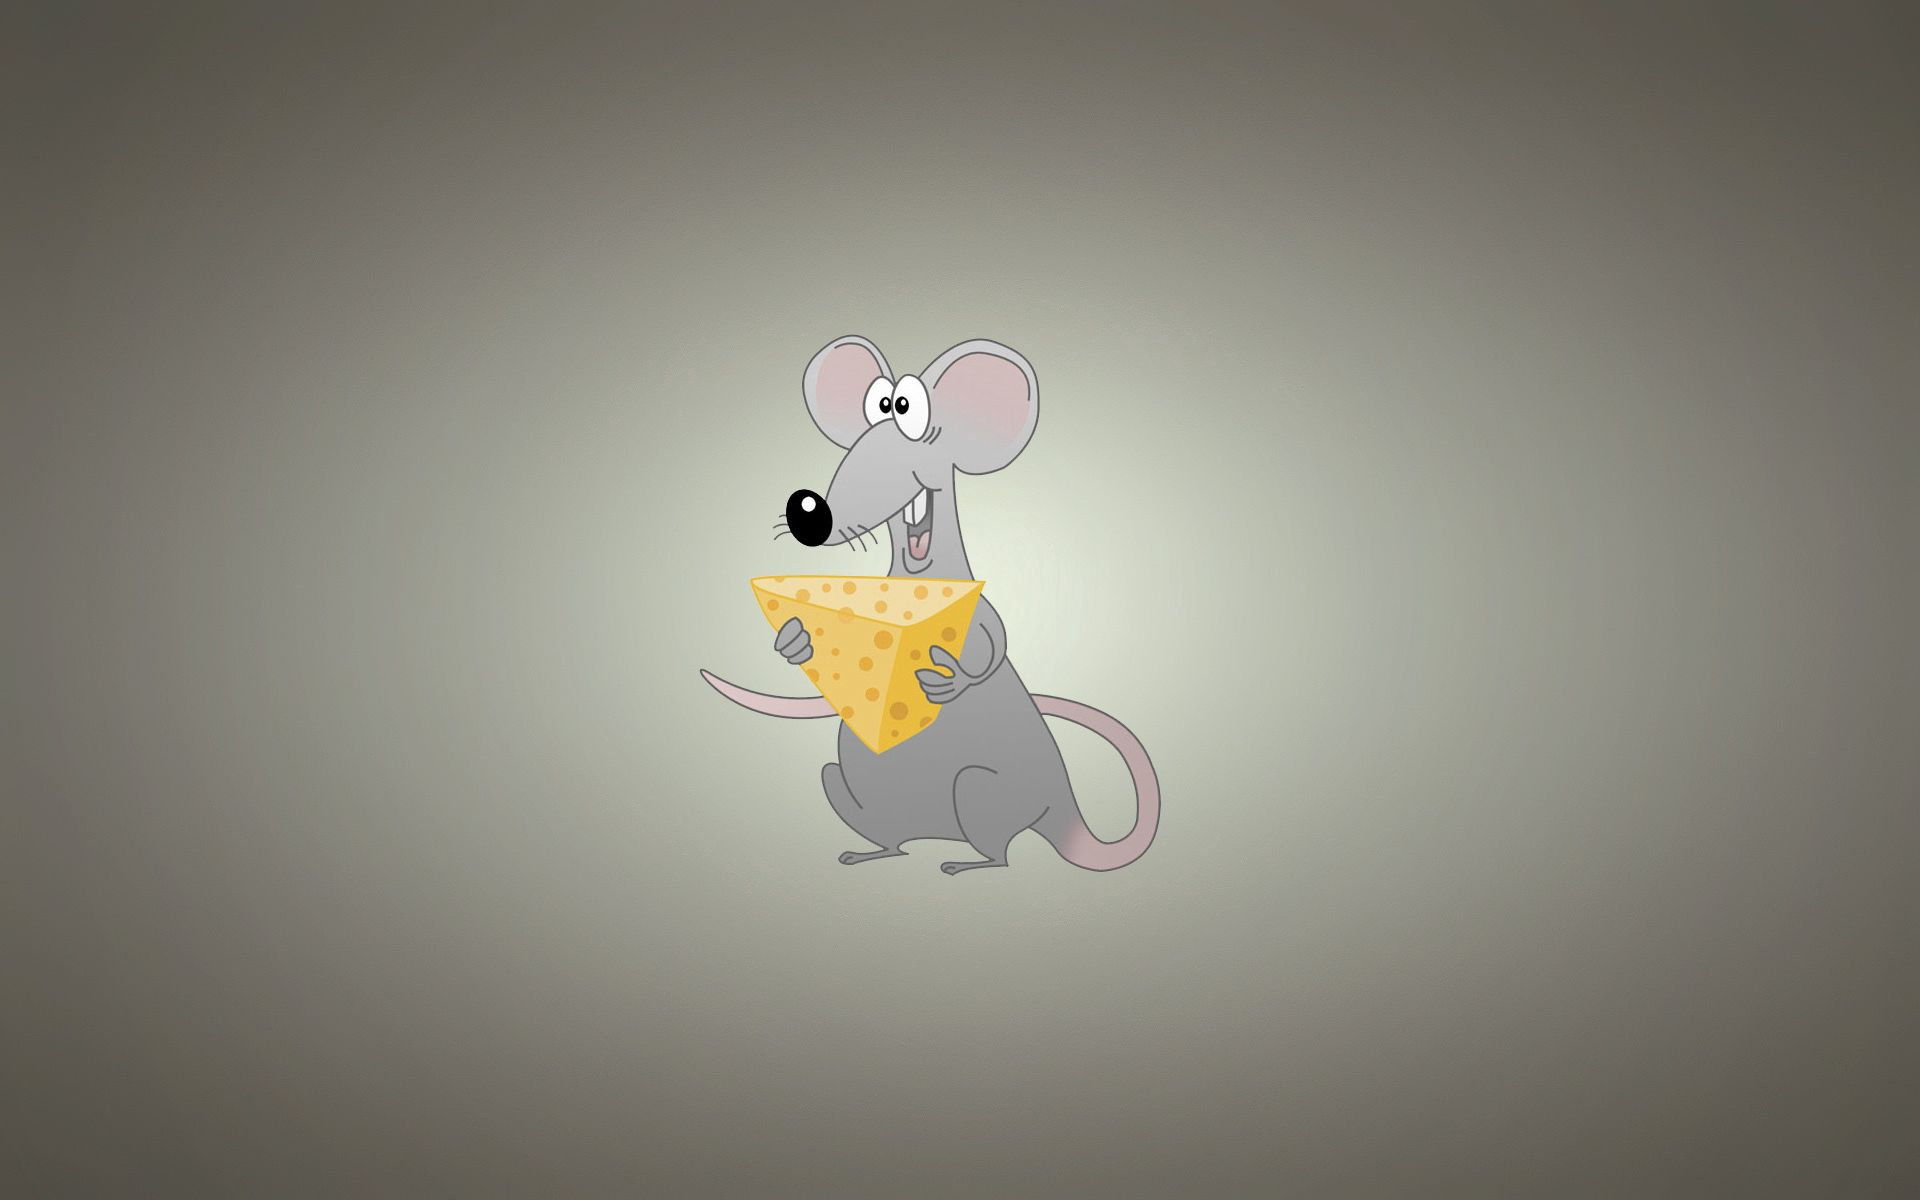 59485 Hintergrundbild herunterladen Hintergrund, Cheese, Vektor, Tier, Maus - Bildschirmschoner und Bilder kostenlos